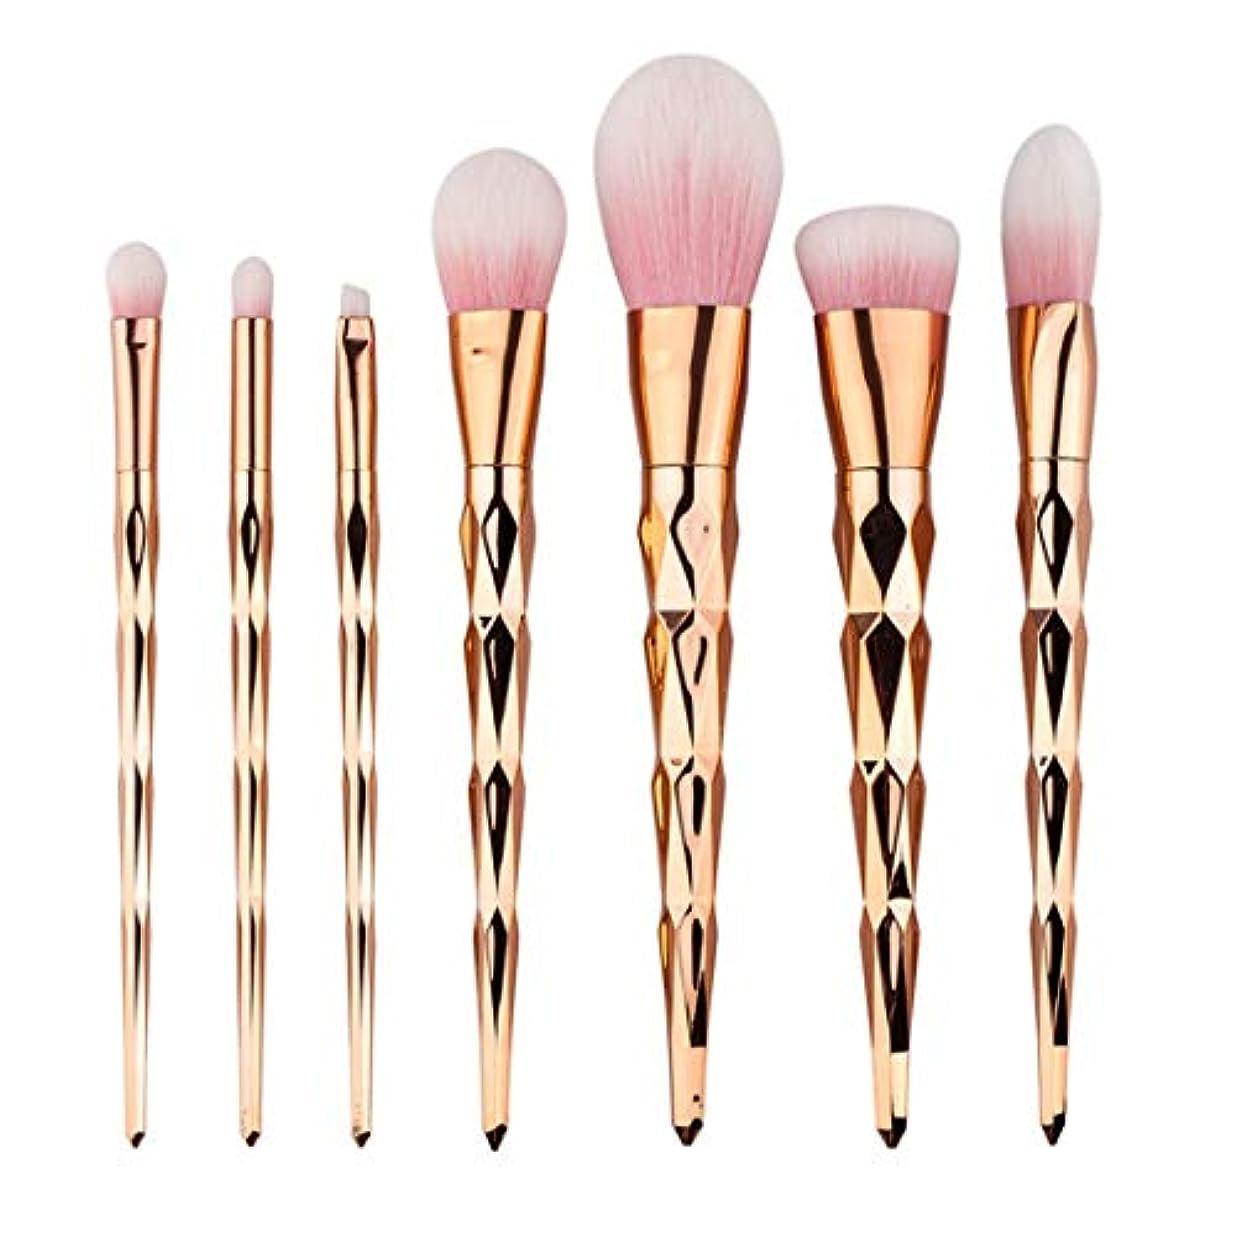 Makeup brushes 7ピースダイヤモンド化粧ブラシセットレインボーハンドルファンデーションパウダー赤面アイシャドウリップブラシフェイス美容メイクアップツールキット - ゴールド suits (Color : Gold)